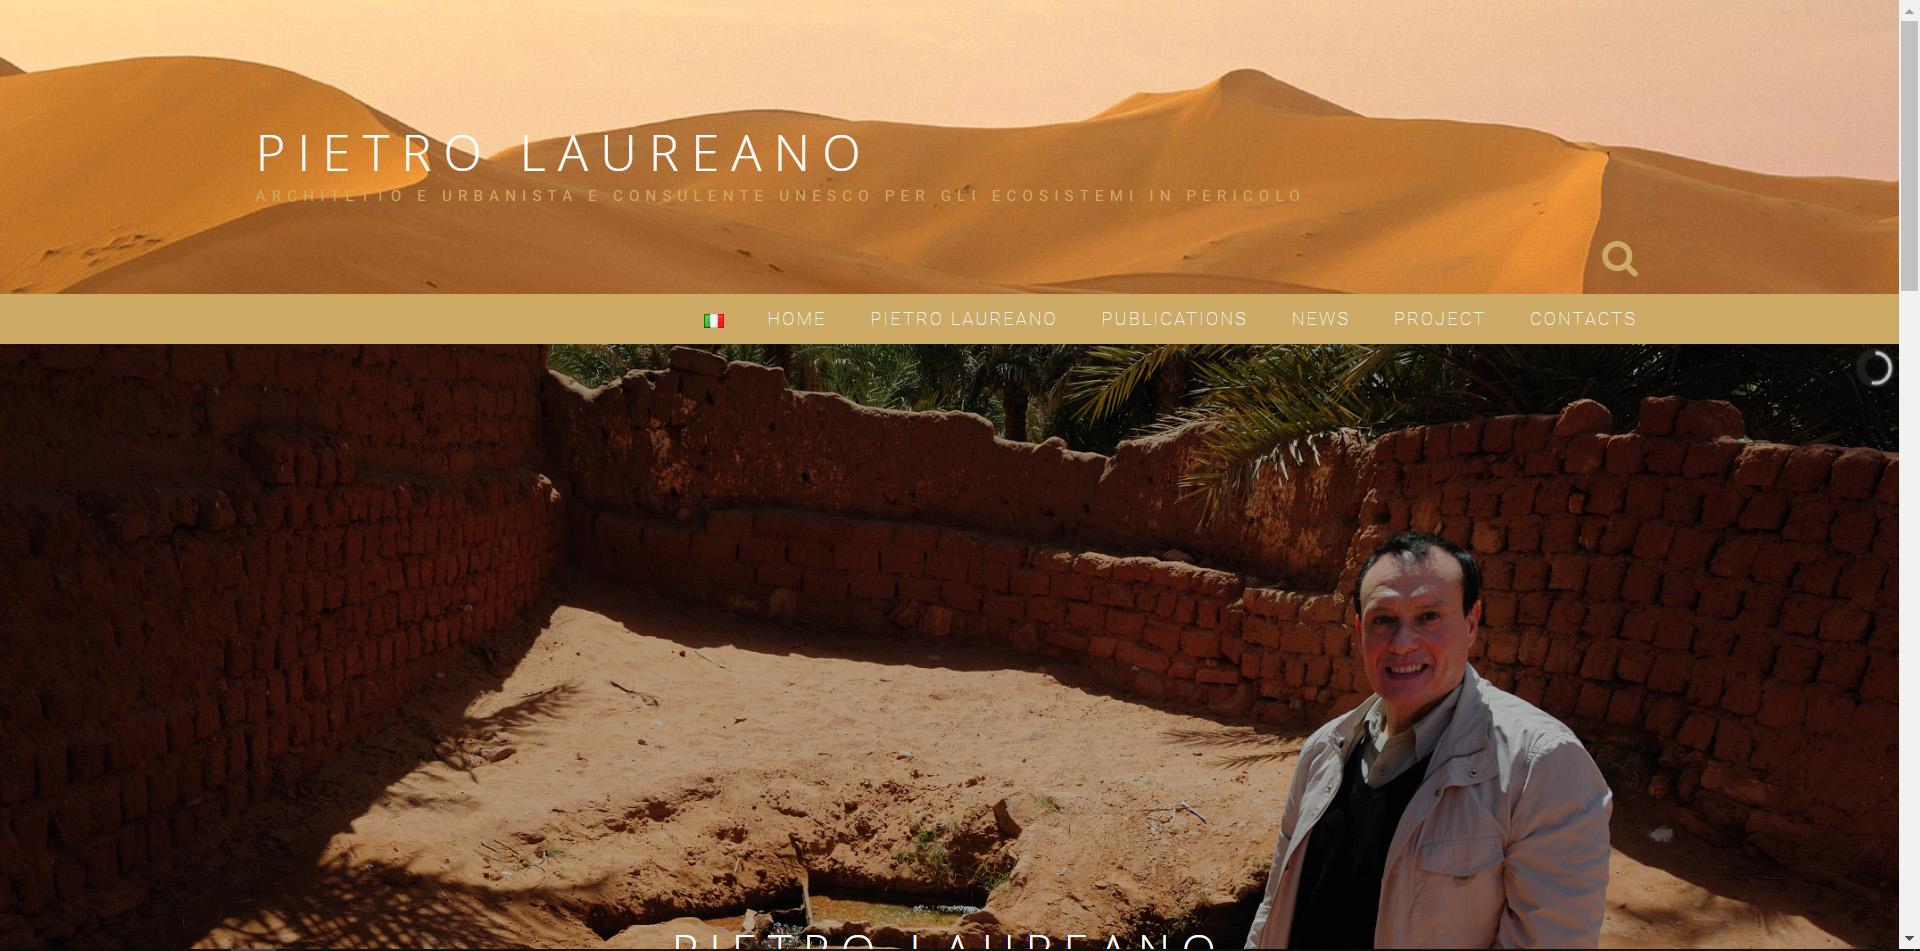 Sito personale, Pietro Laureano, Architetto, Urbanista, consulente UNESCO